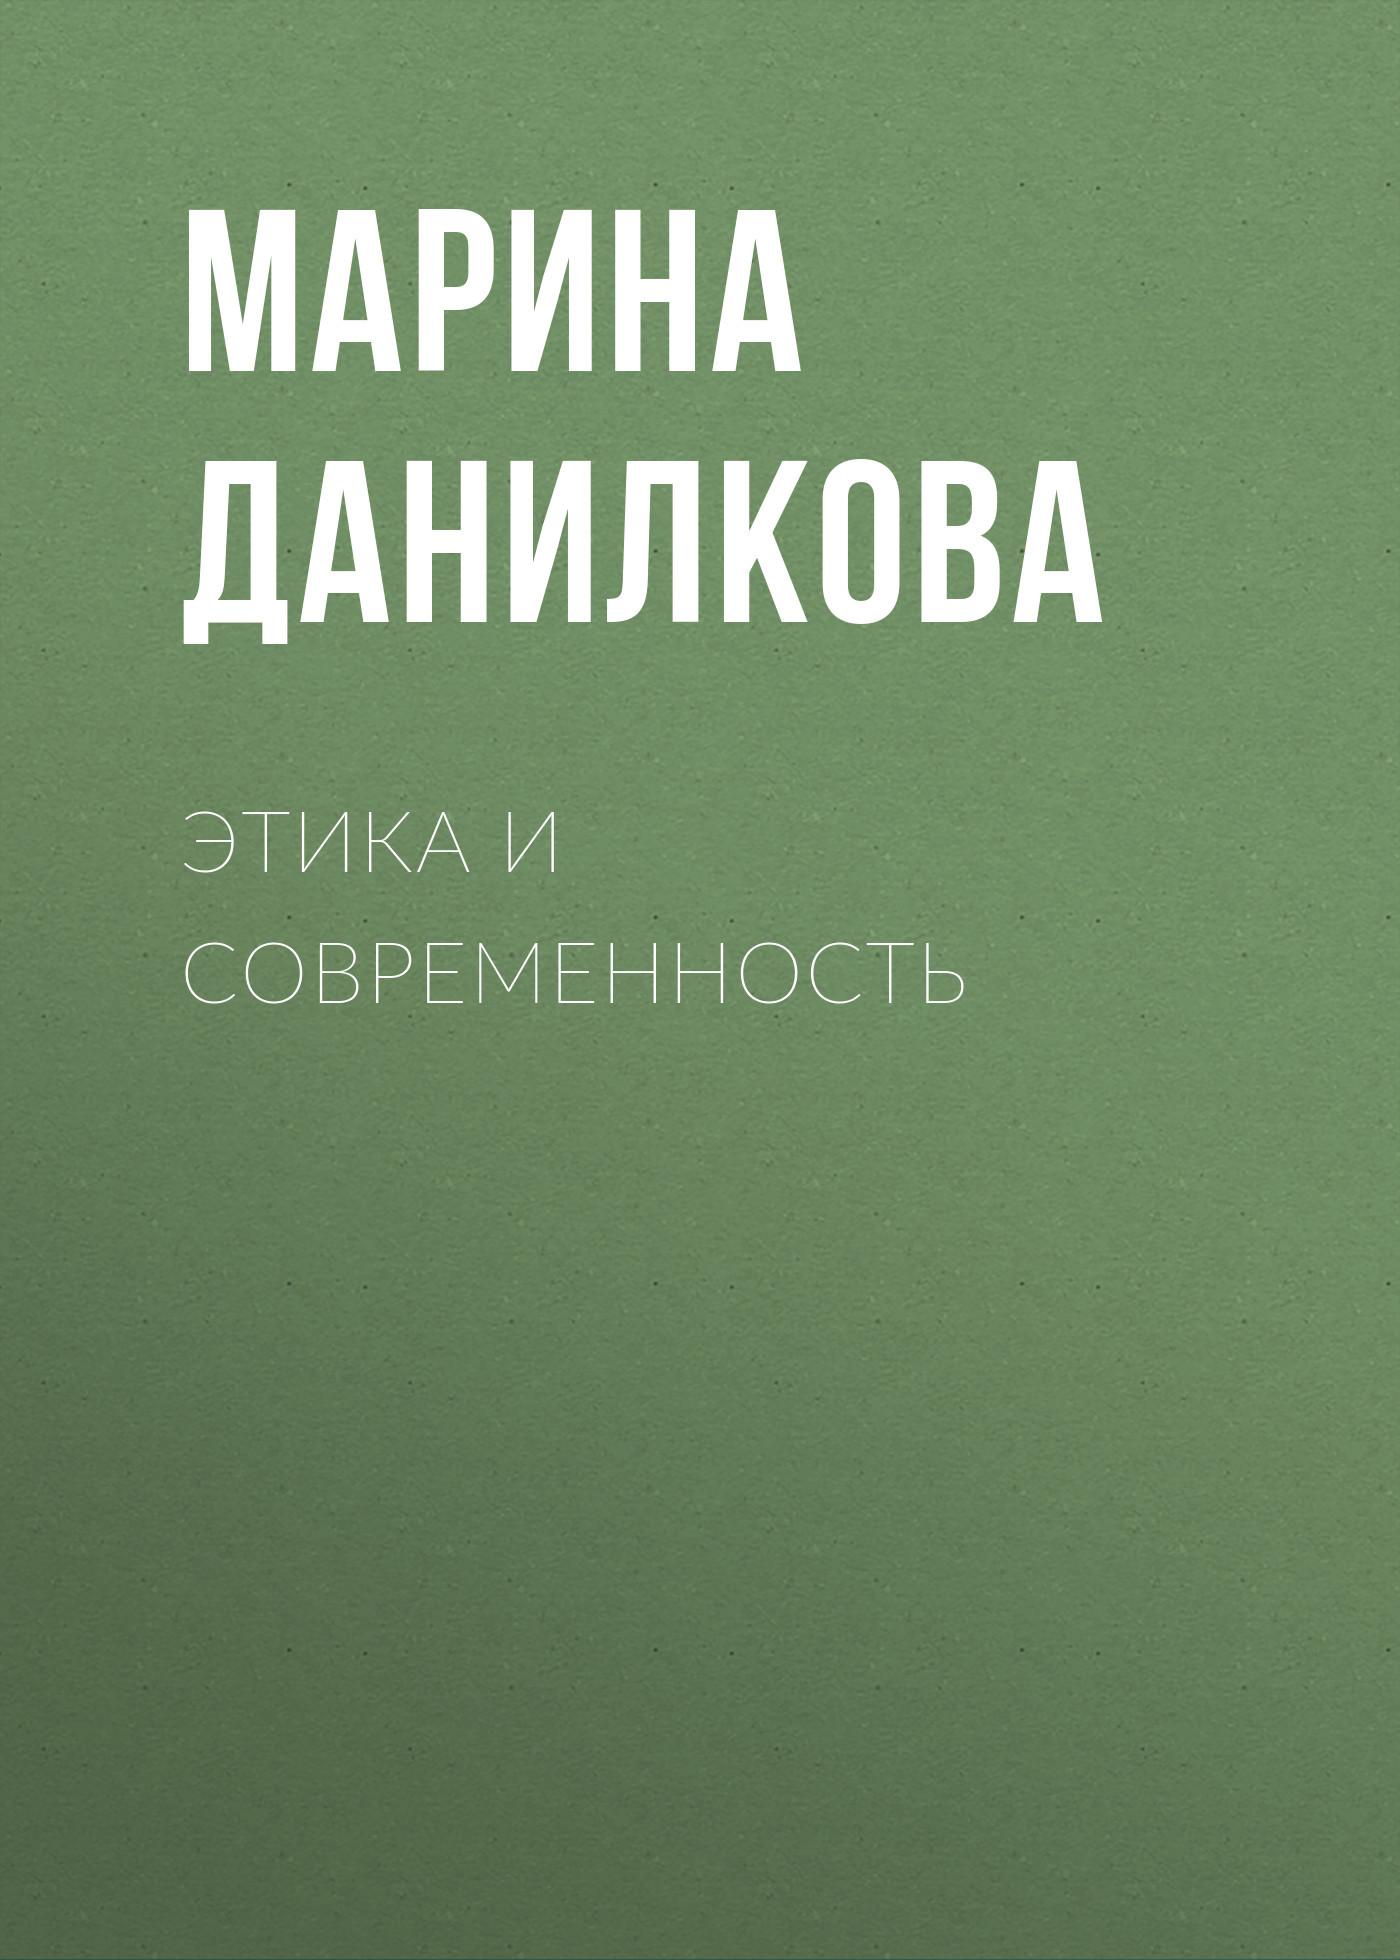 Марина Данилкова Этика и современность две морали